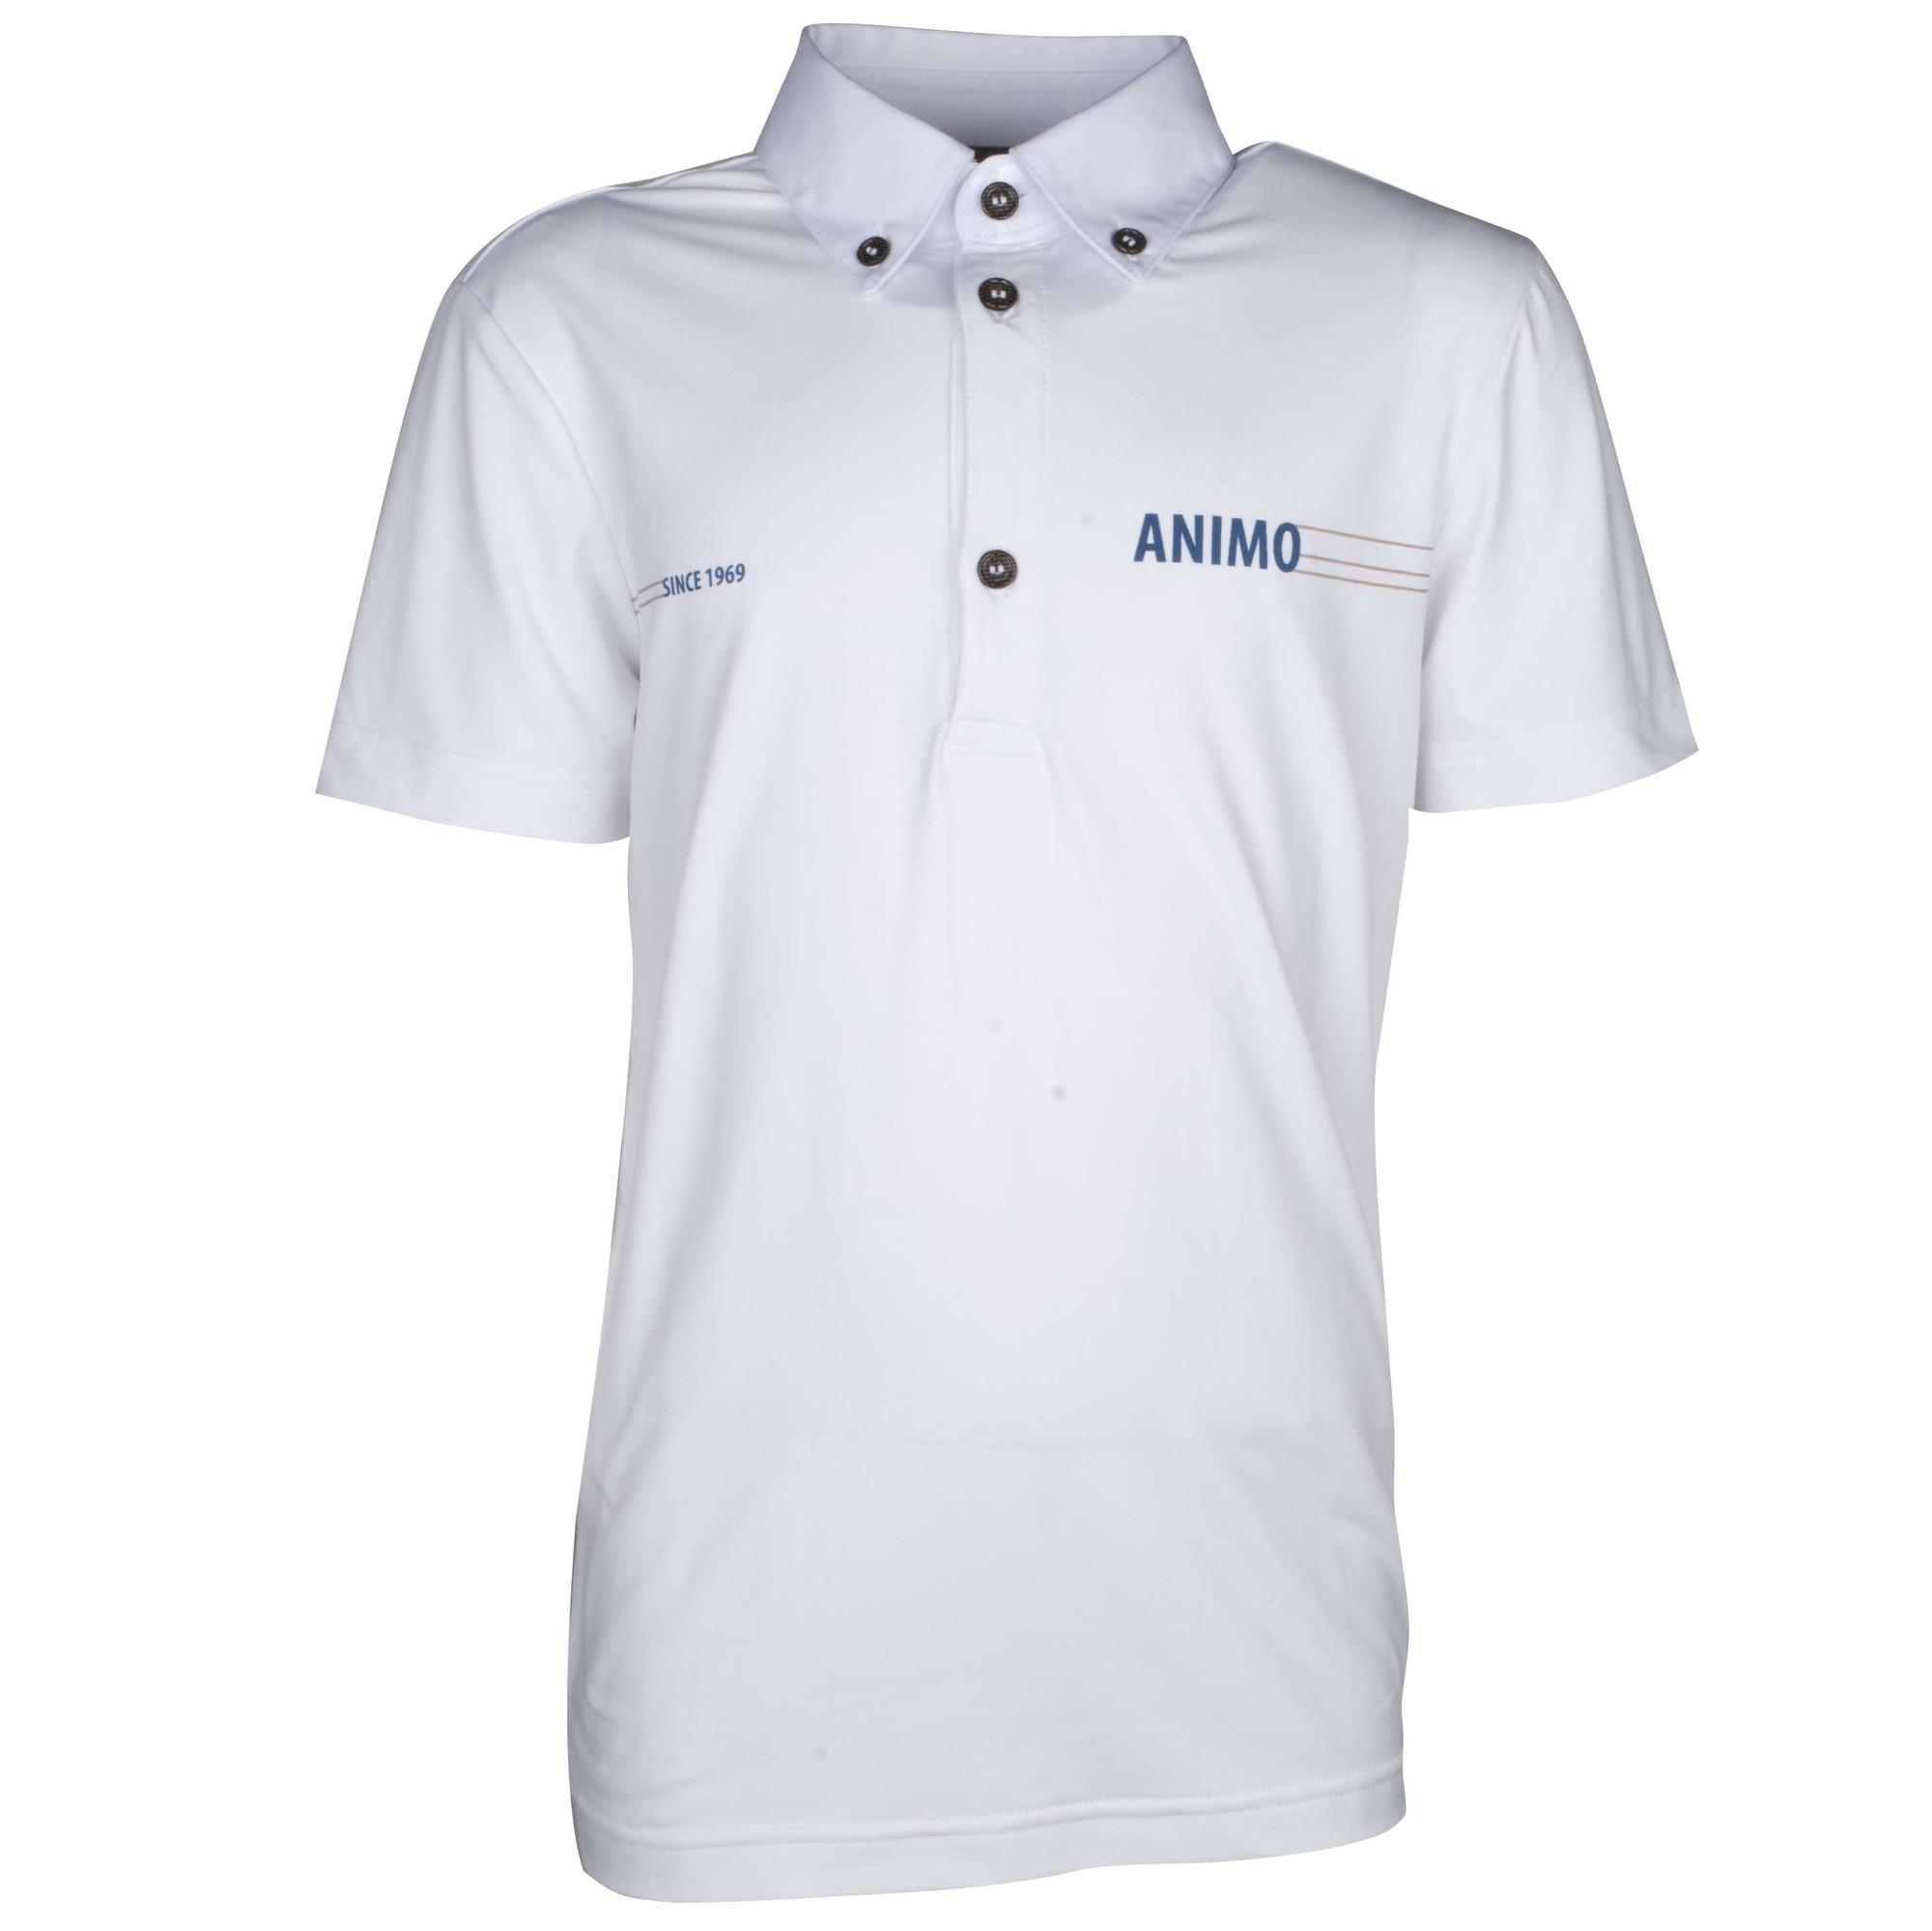 Animo Amilka kinder wedstrijdshirt wit maat:152